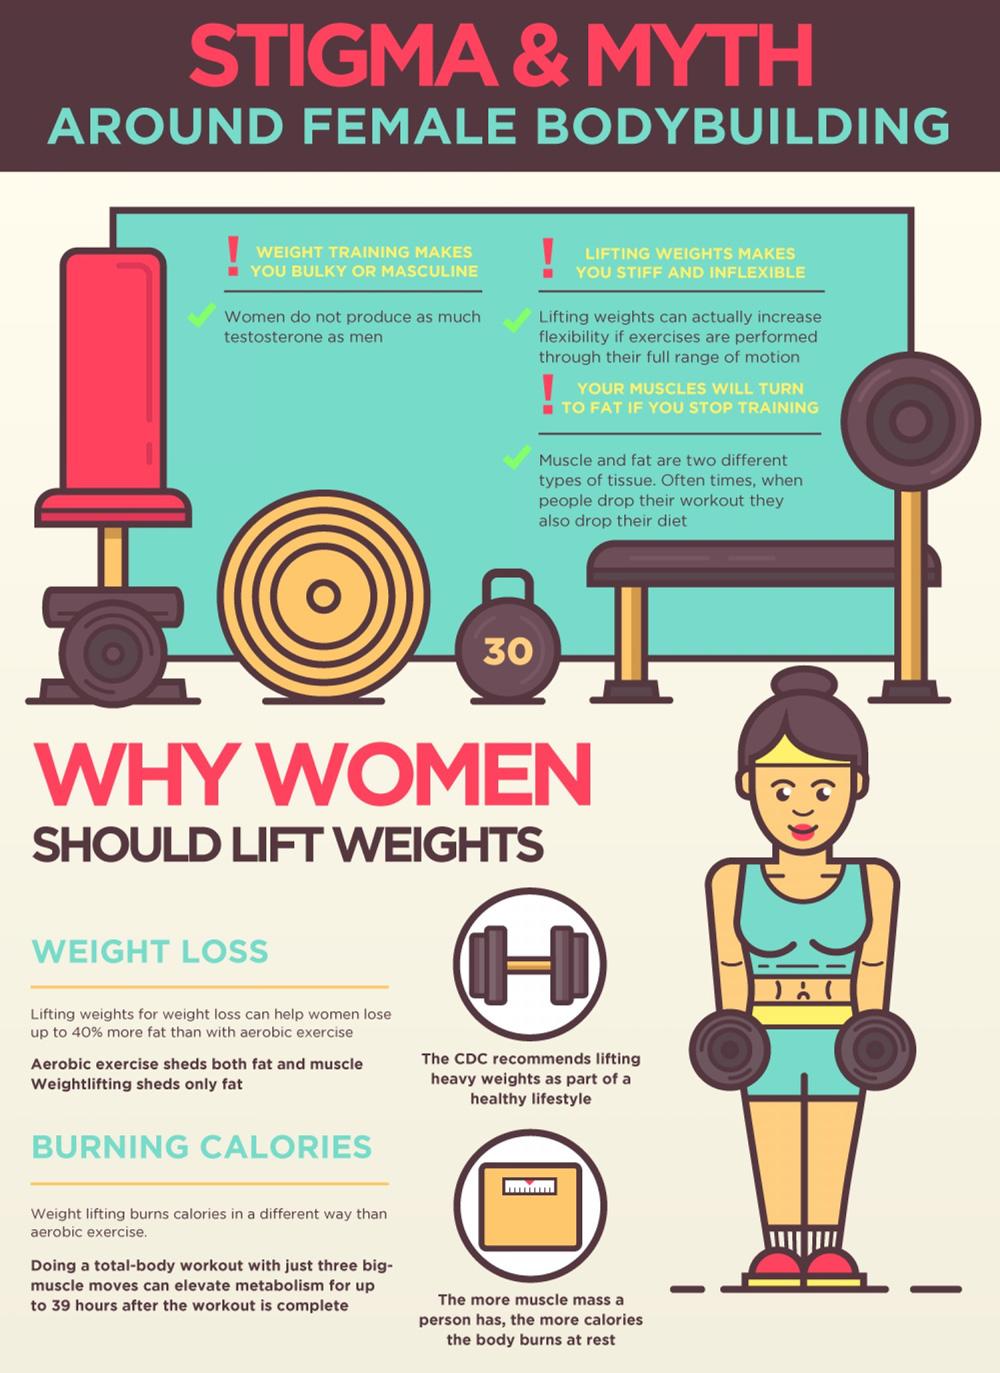 pourquoi les femmes devraient toutes faire de la musculation